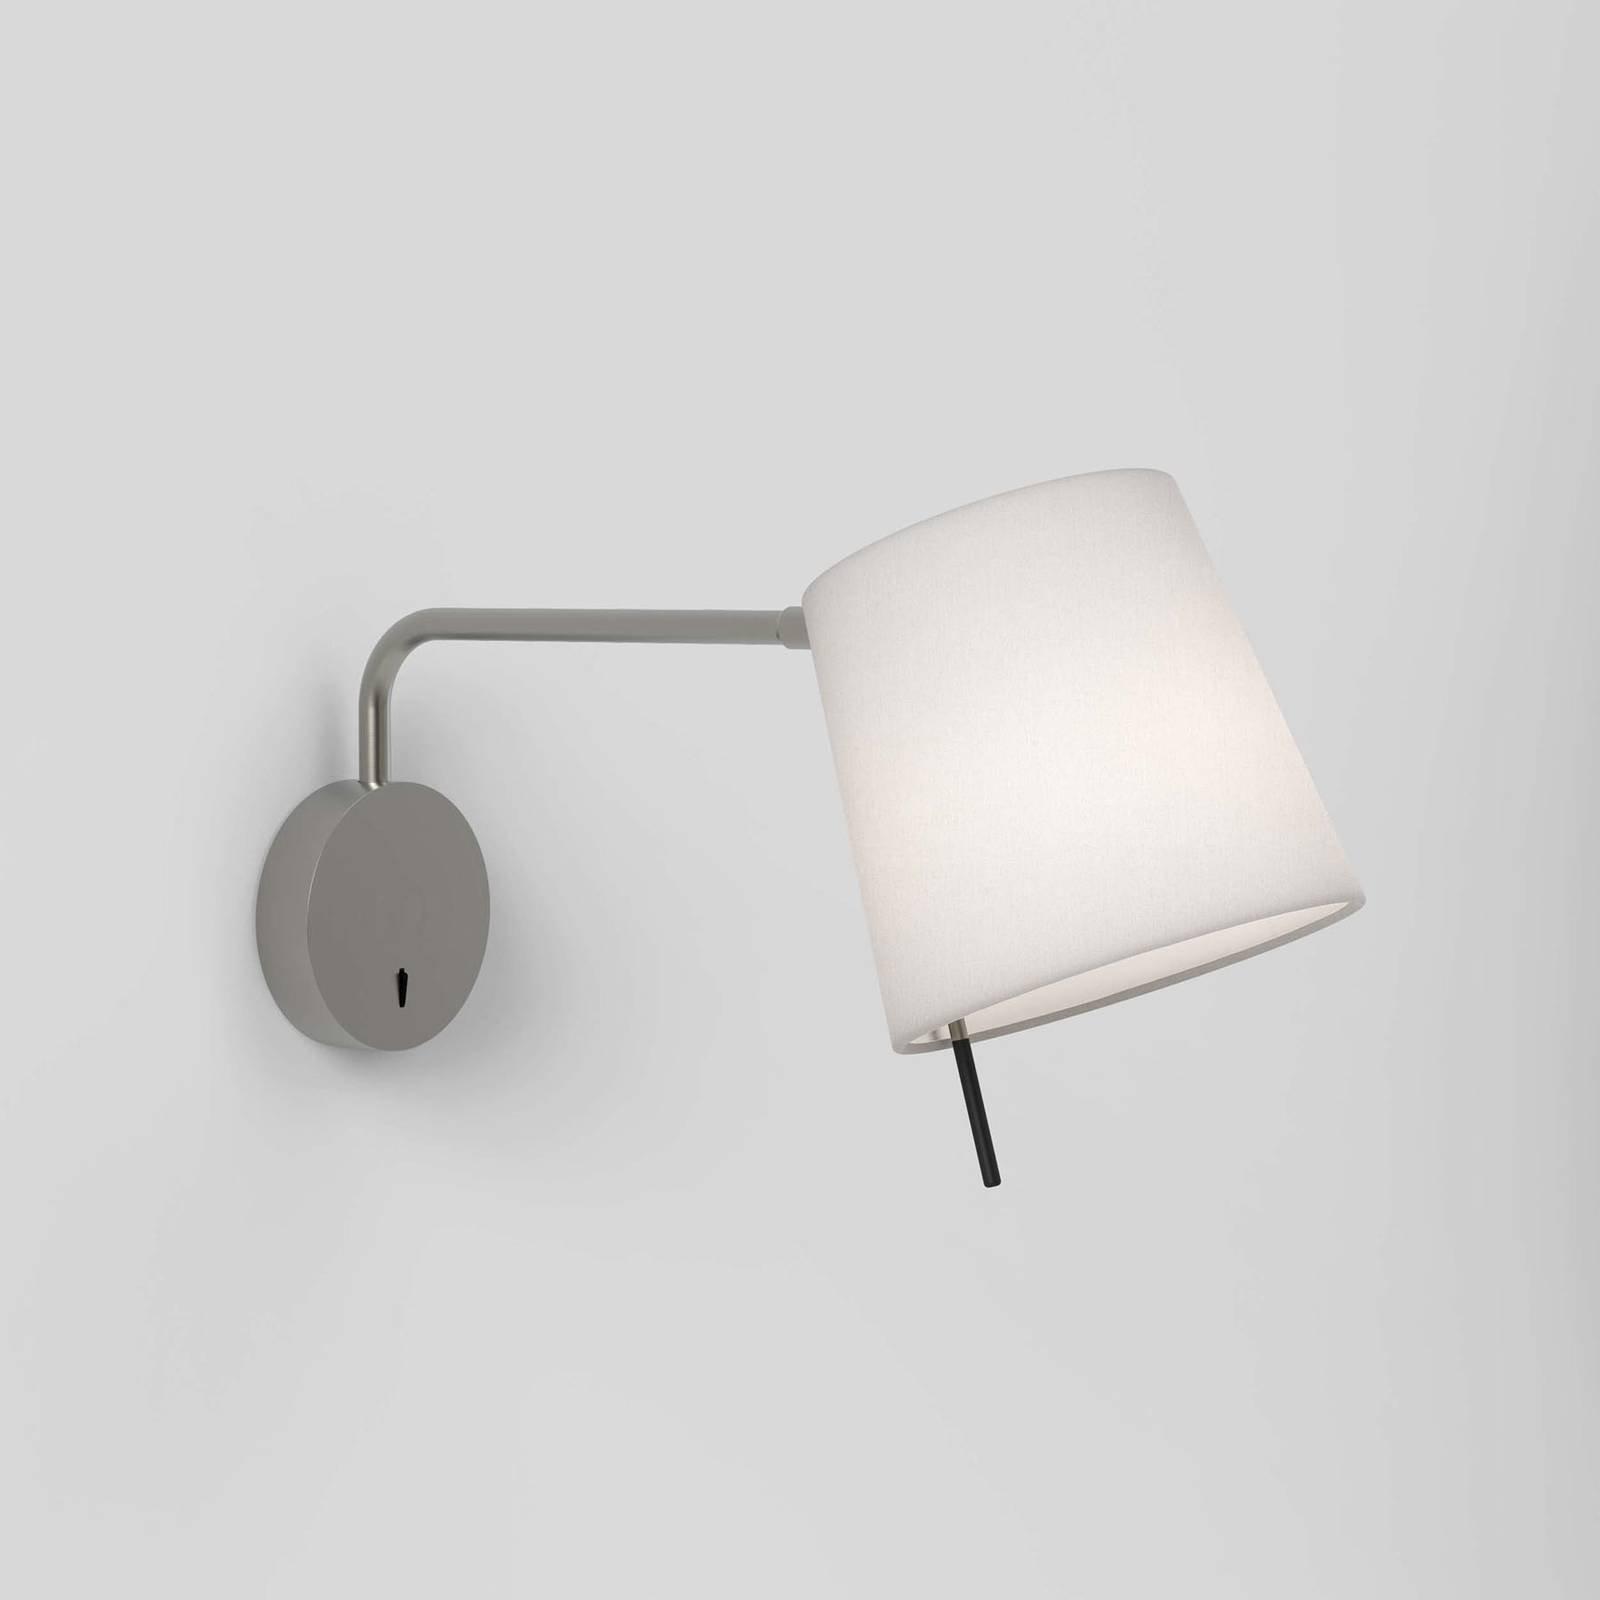 Vegglampe Mitsu Swing, nikkel, elfenben skjerm